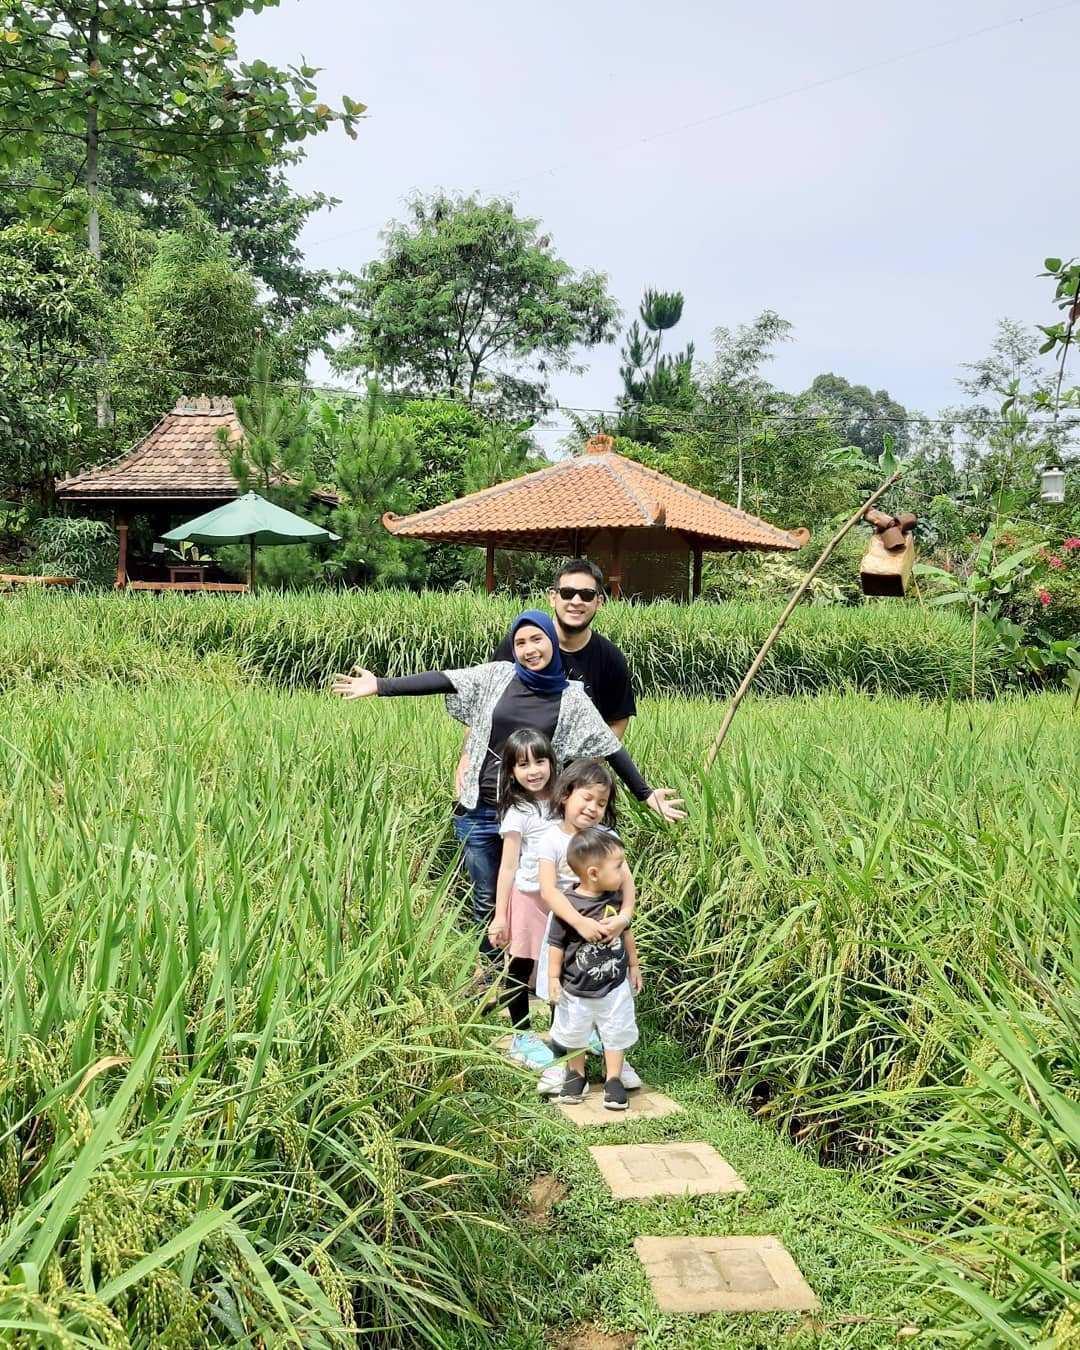 Quality Time Bersama Keluarga di Sawah Segar Sentul Bogor Image From @achmadrezav